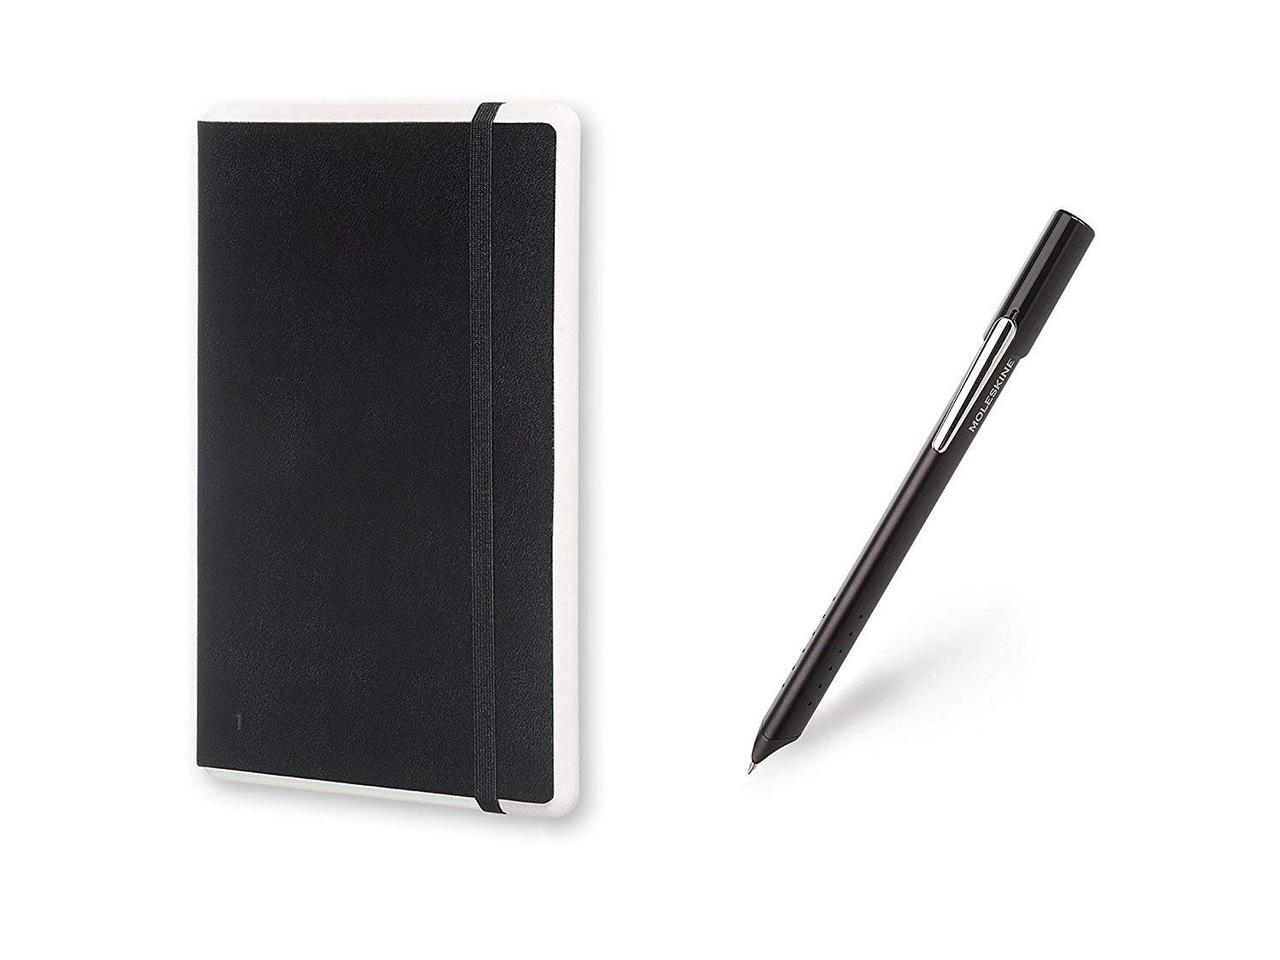 Интелектуальный письменный набор Moleskine PTSETA Smart Writing Set